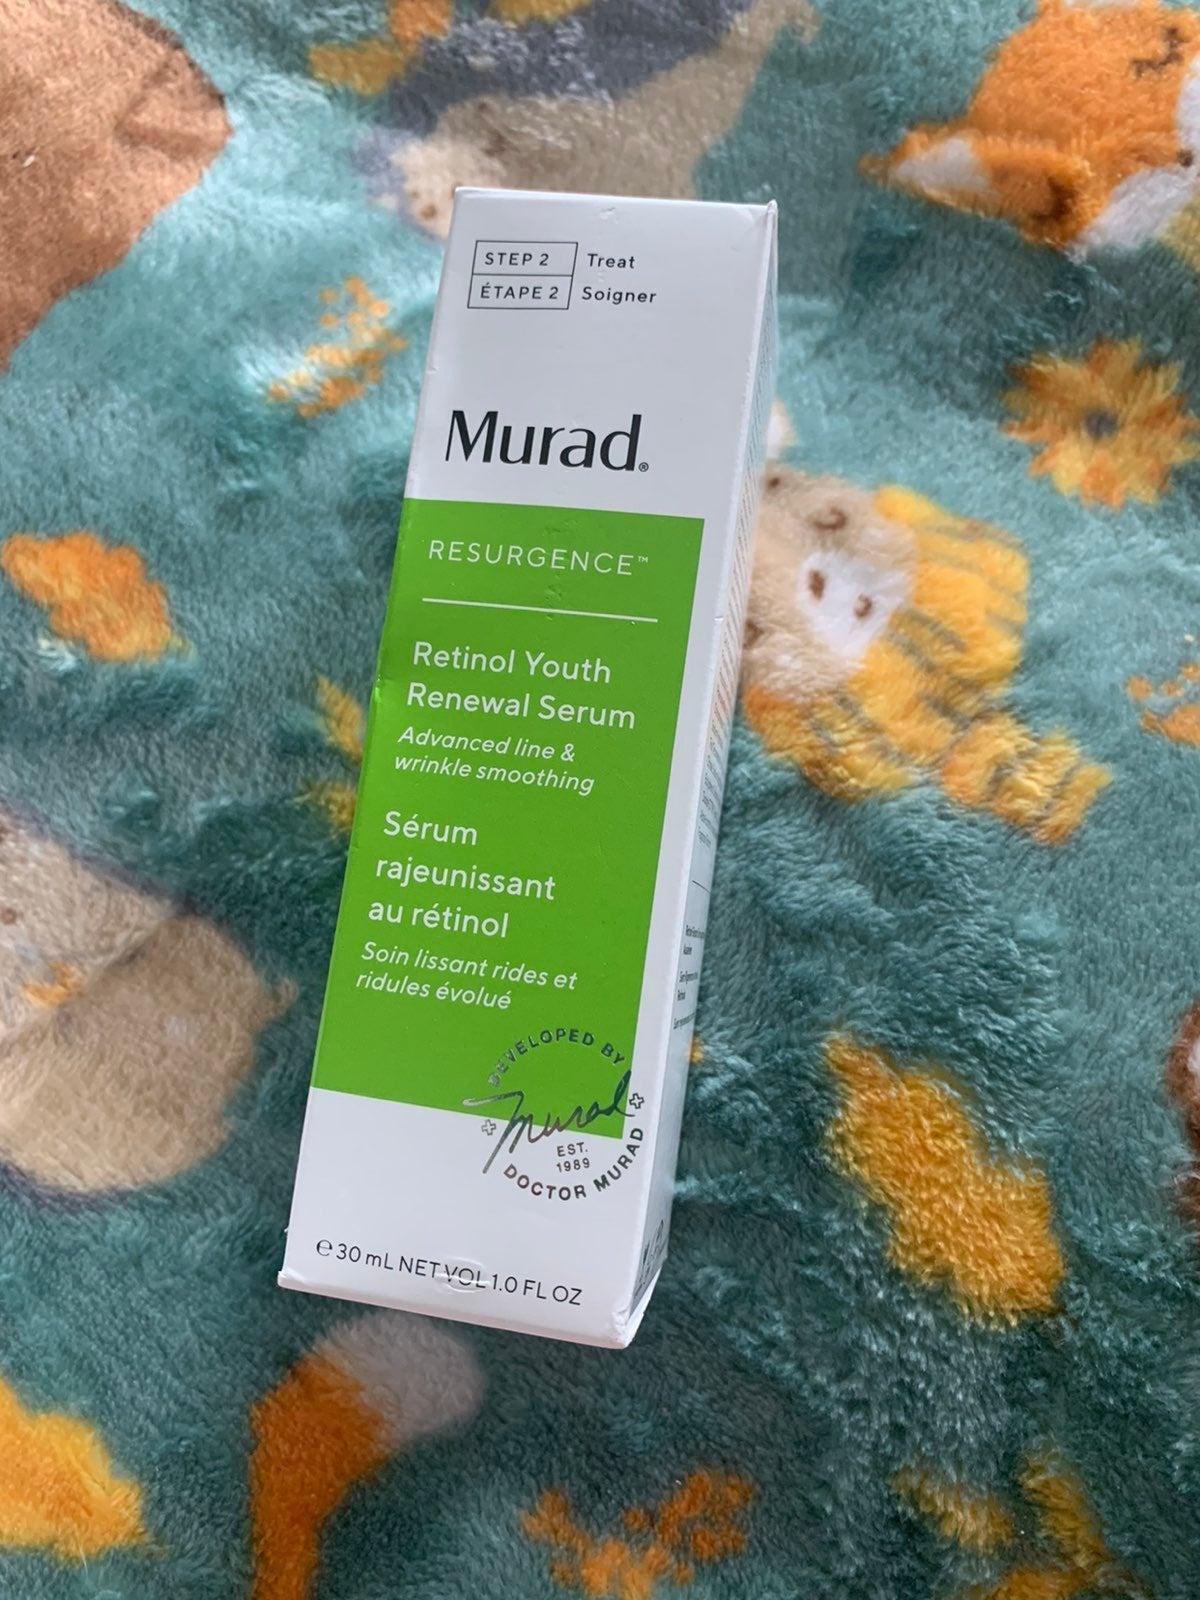 Murad Retinol Youth Renewal Serum